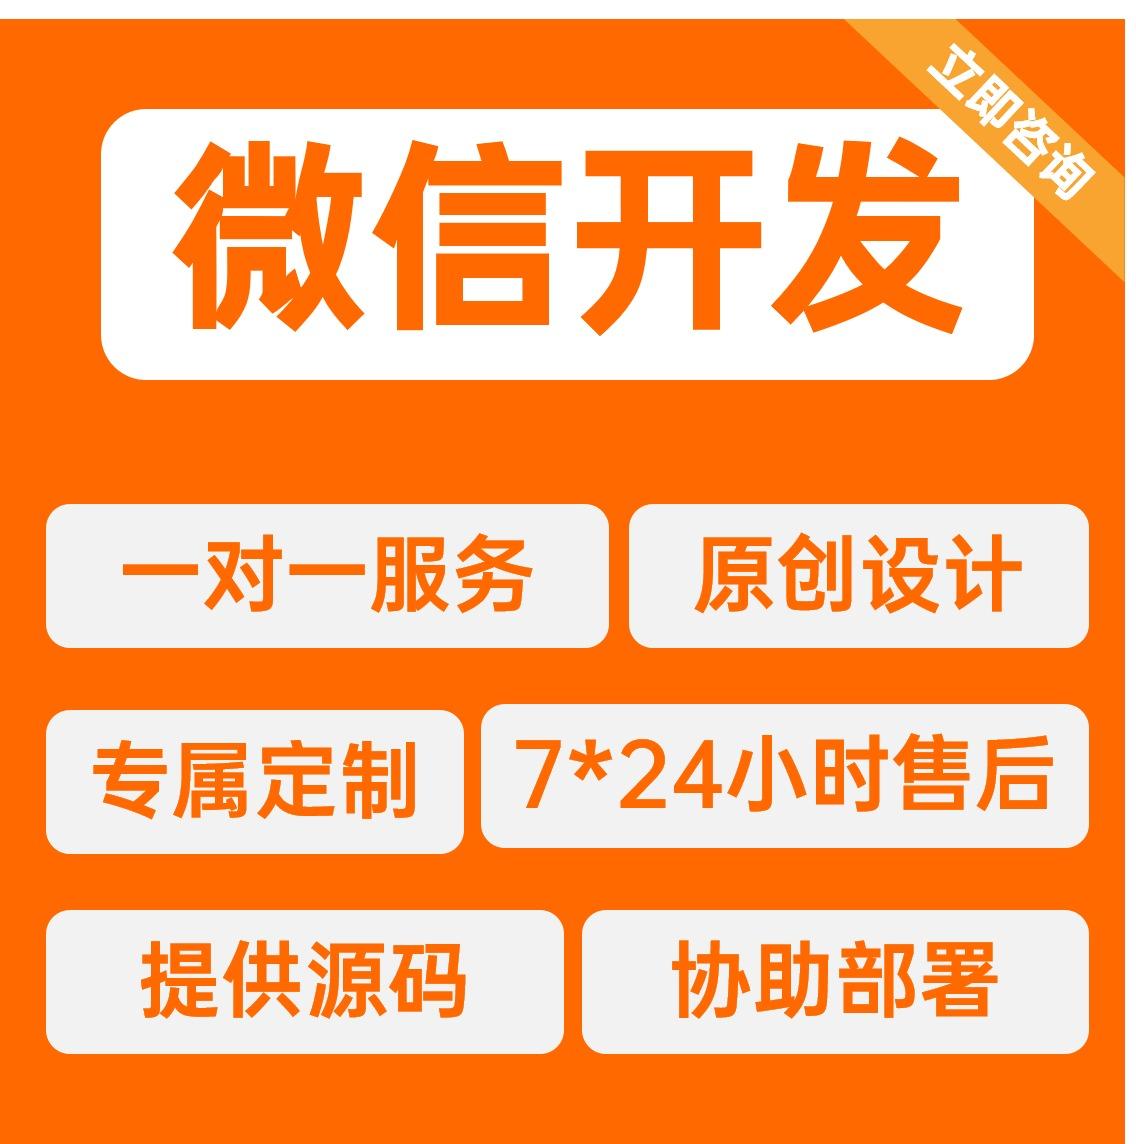 单商户多商户B2B2C商城分销营销拼团秒杀社区团购微信开发